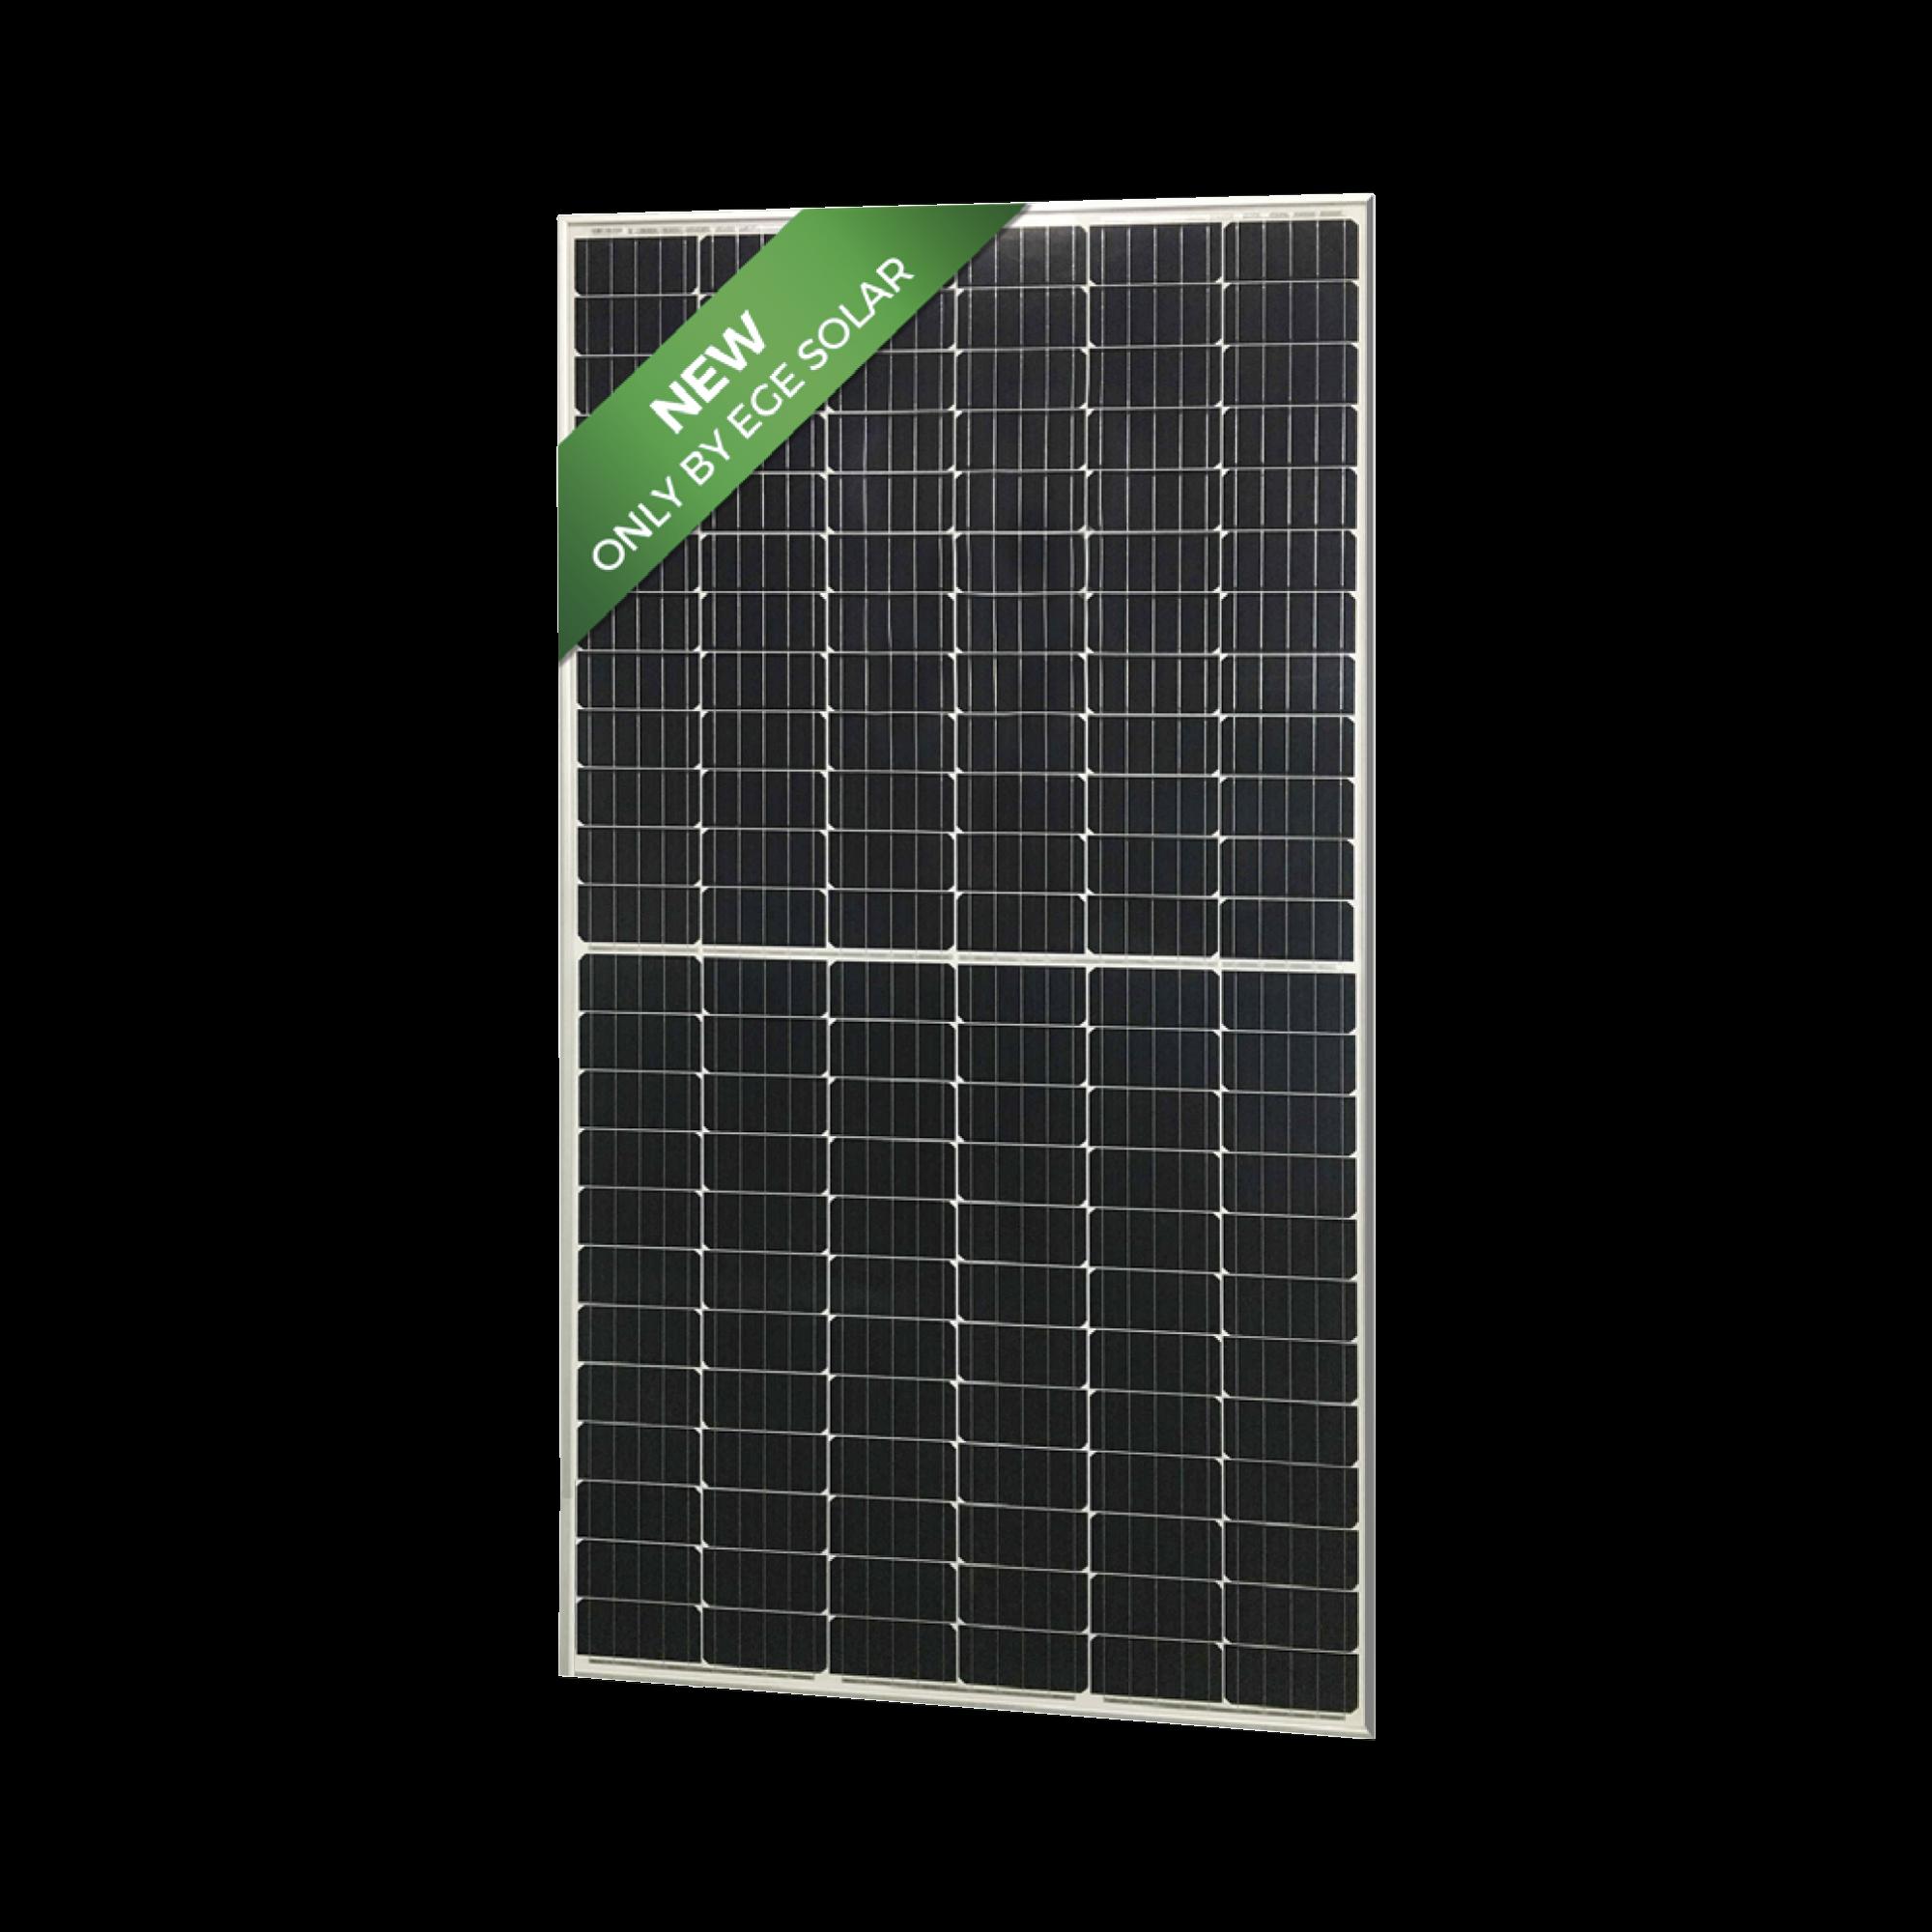 Modulo Fotovoltaico de Celda Cortada grado A PERC , 410 W Monocristalino Para sistemas de Interconexion con la Red